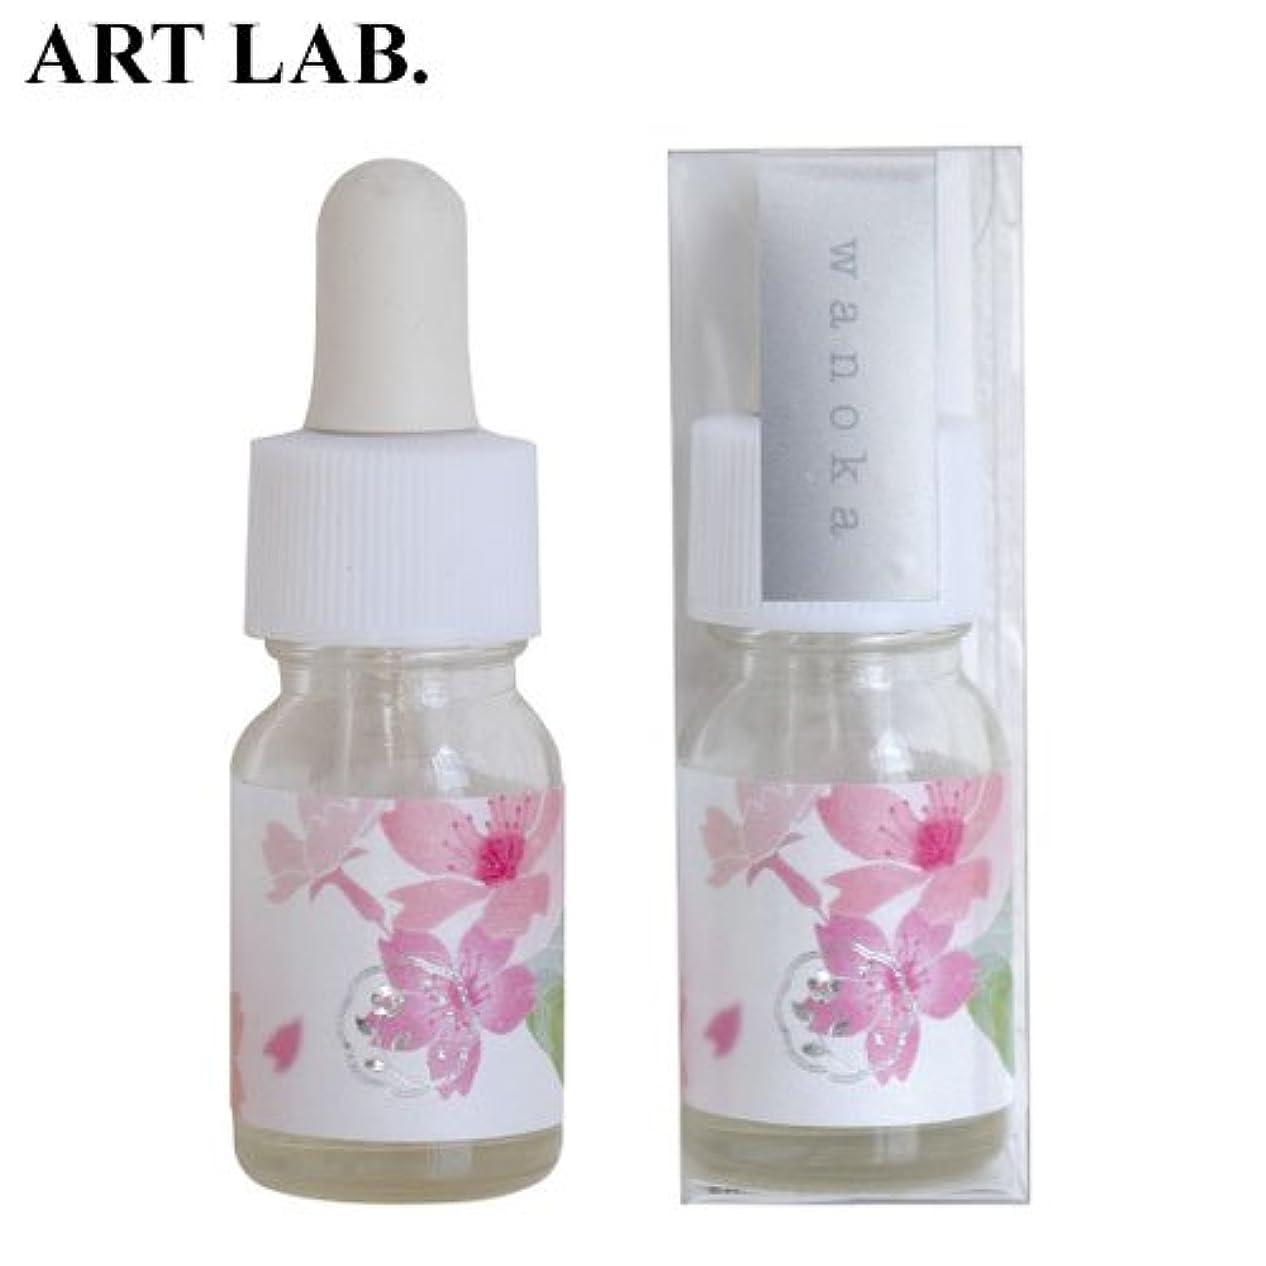 好奇心盛ホールドオール幹wanoka香油アロマオイル桜《桜をイメージした甘い香り》ART LABAromatic oil